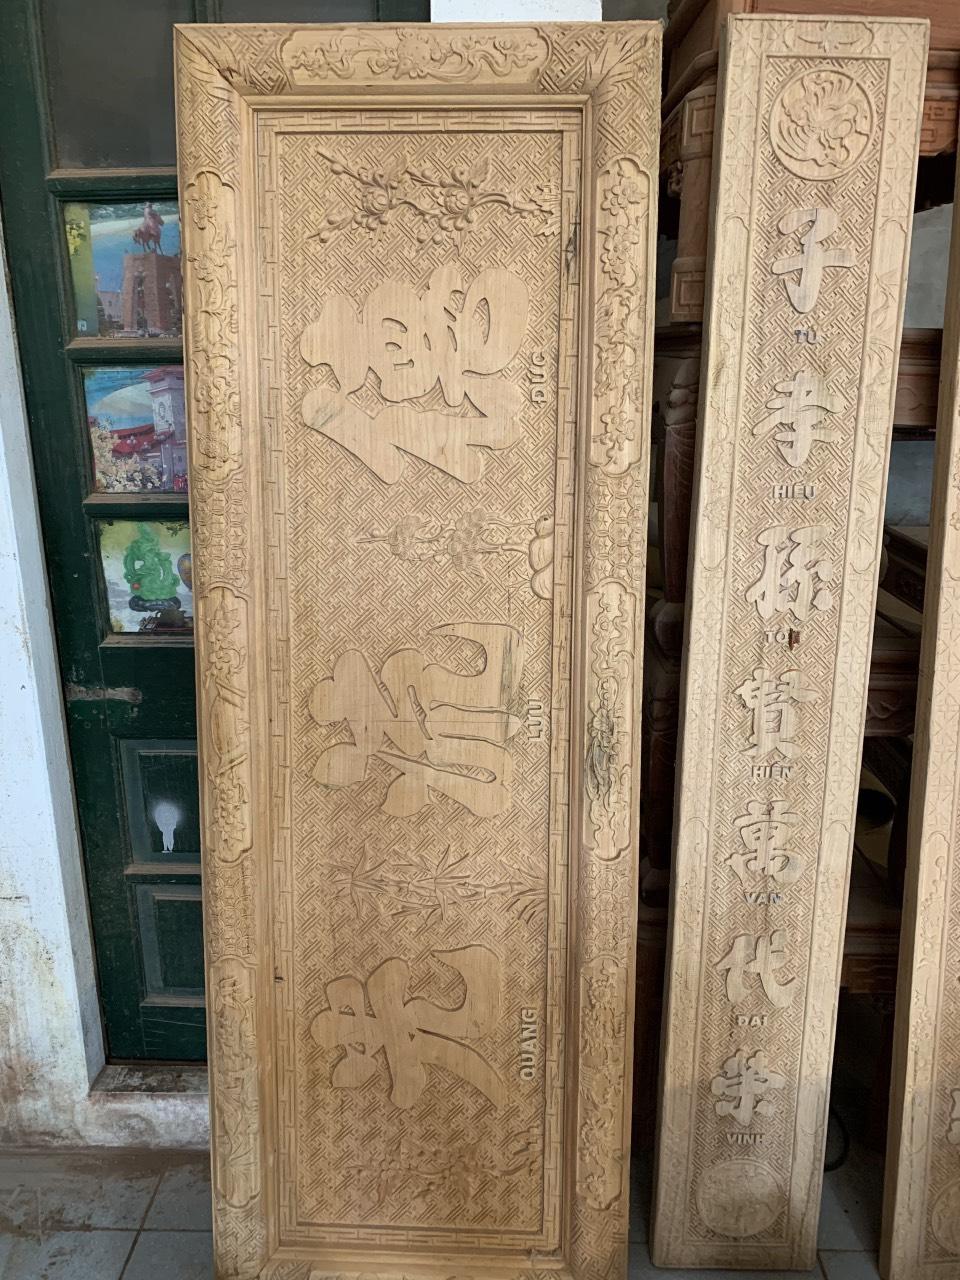 gia bo hoanh phi cau doi go gu - Vì sao nên chọn hoành phi câu đối gỗ gụ cho bàn thờ gia tiên?